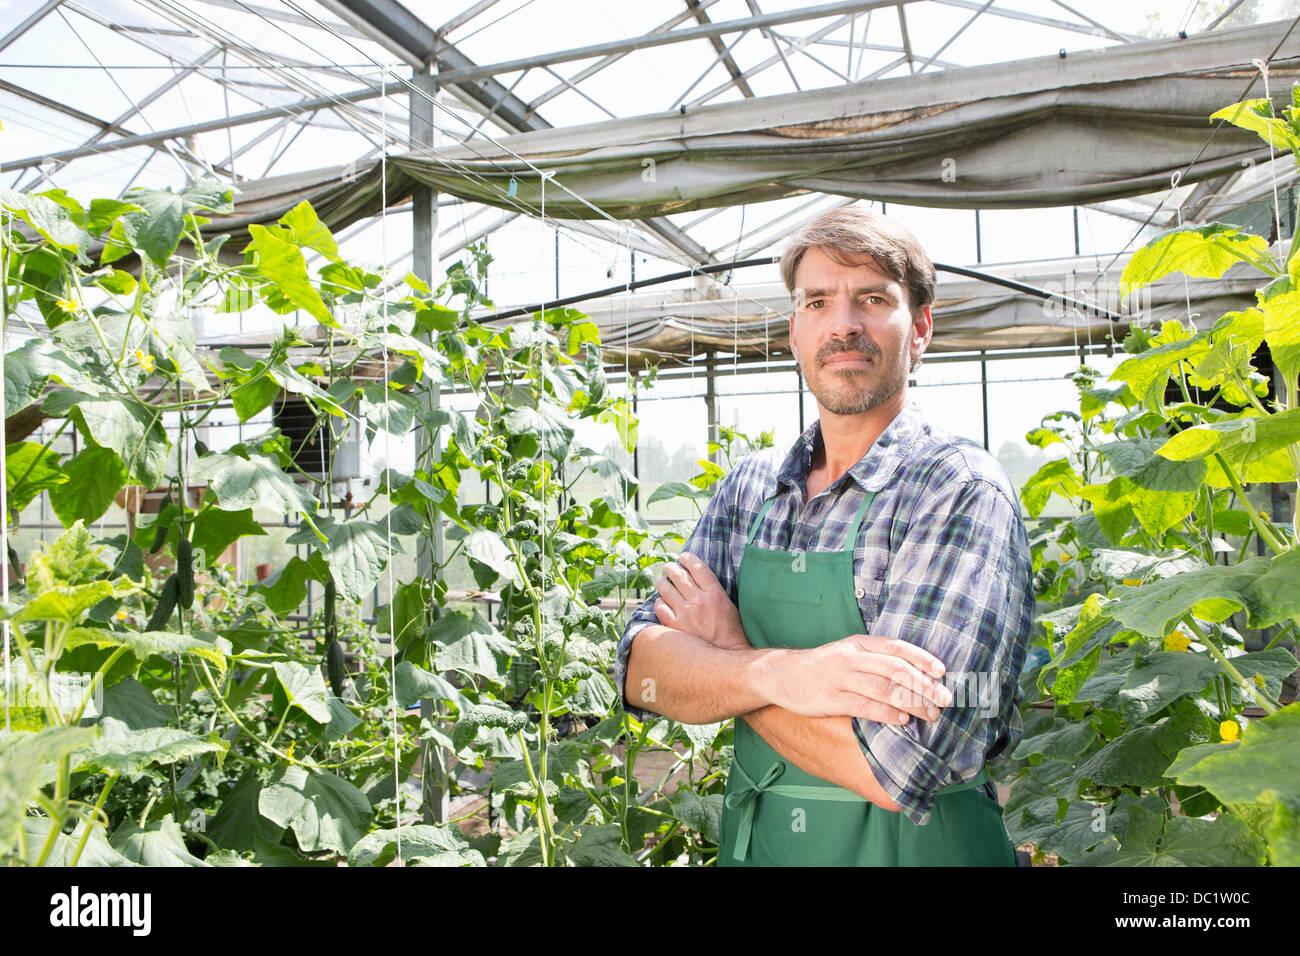 Porträt von Bio-Landwirt neben Gurkenpflanzen im Folientunnel Stockbild